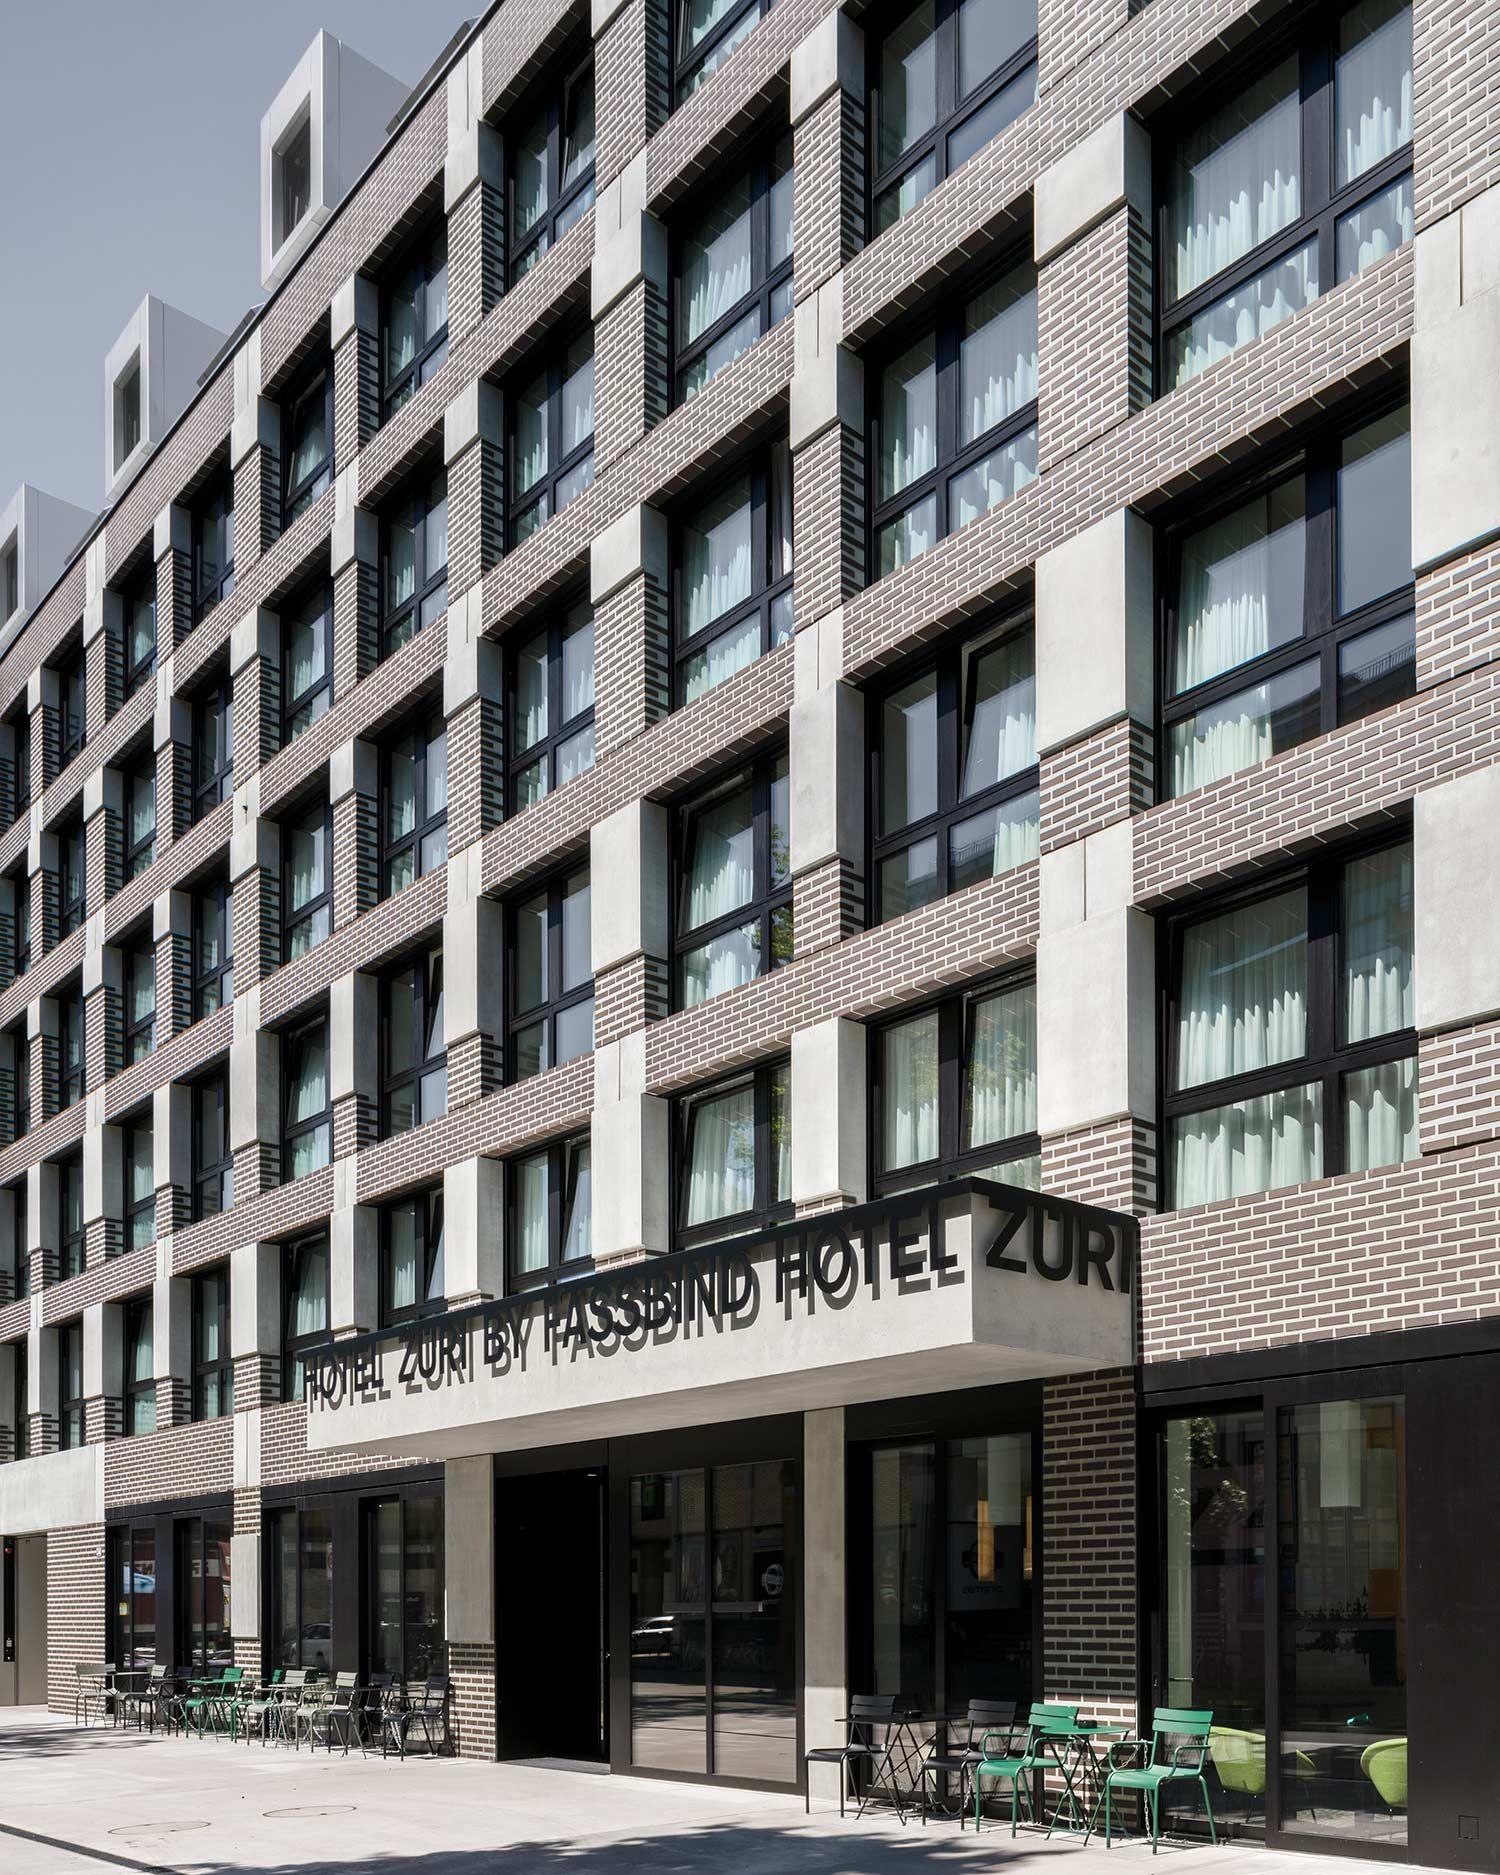 Hotel Züri, Heinrichstrasse